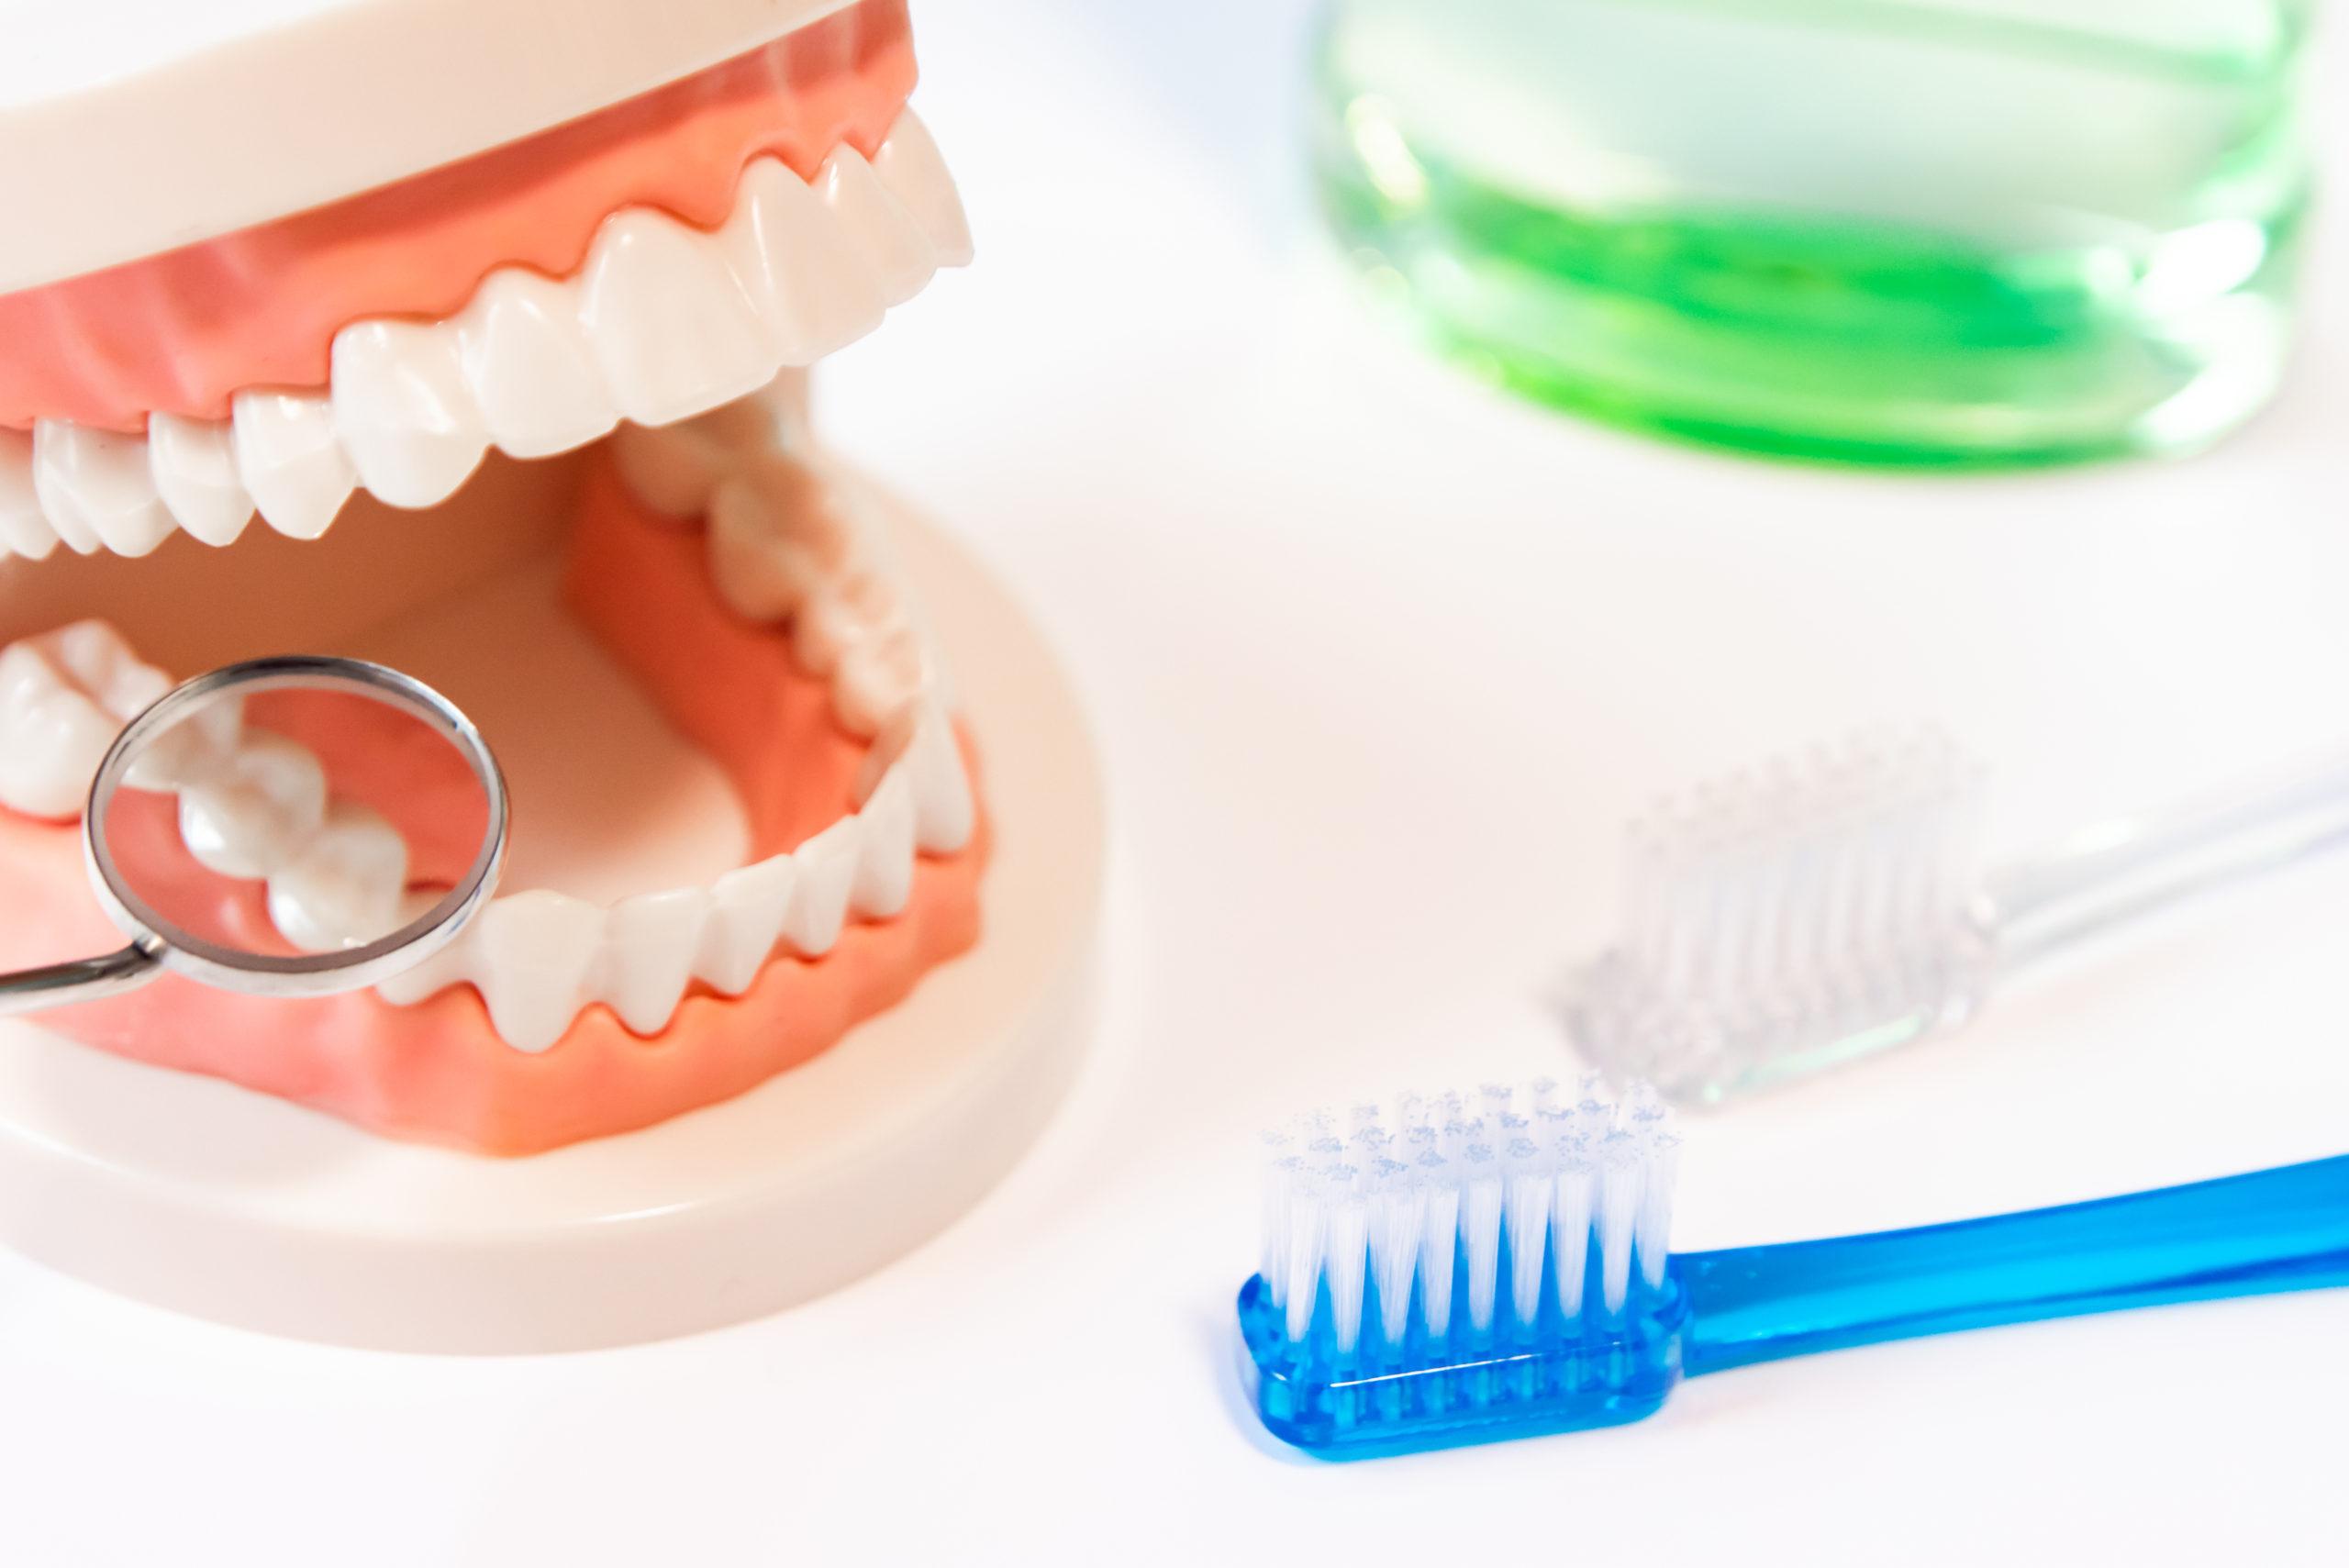 歯並びがいい人は、やっぱり得?さまざまな歯並びの治療法について